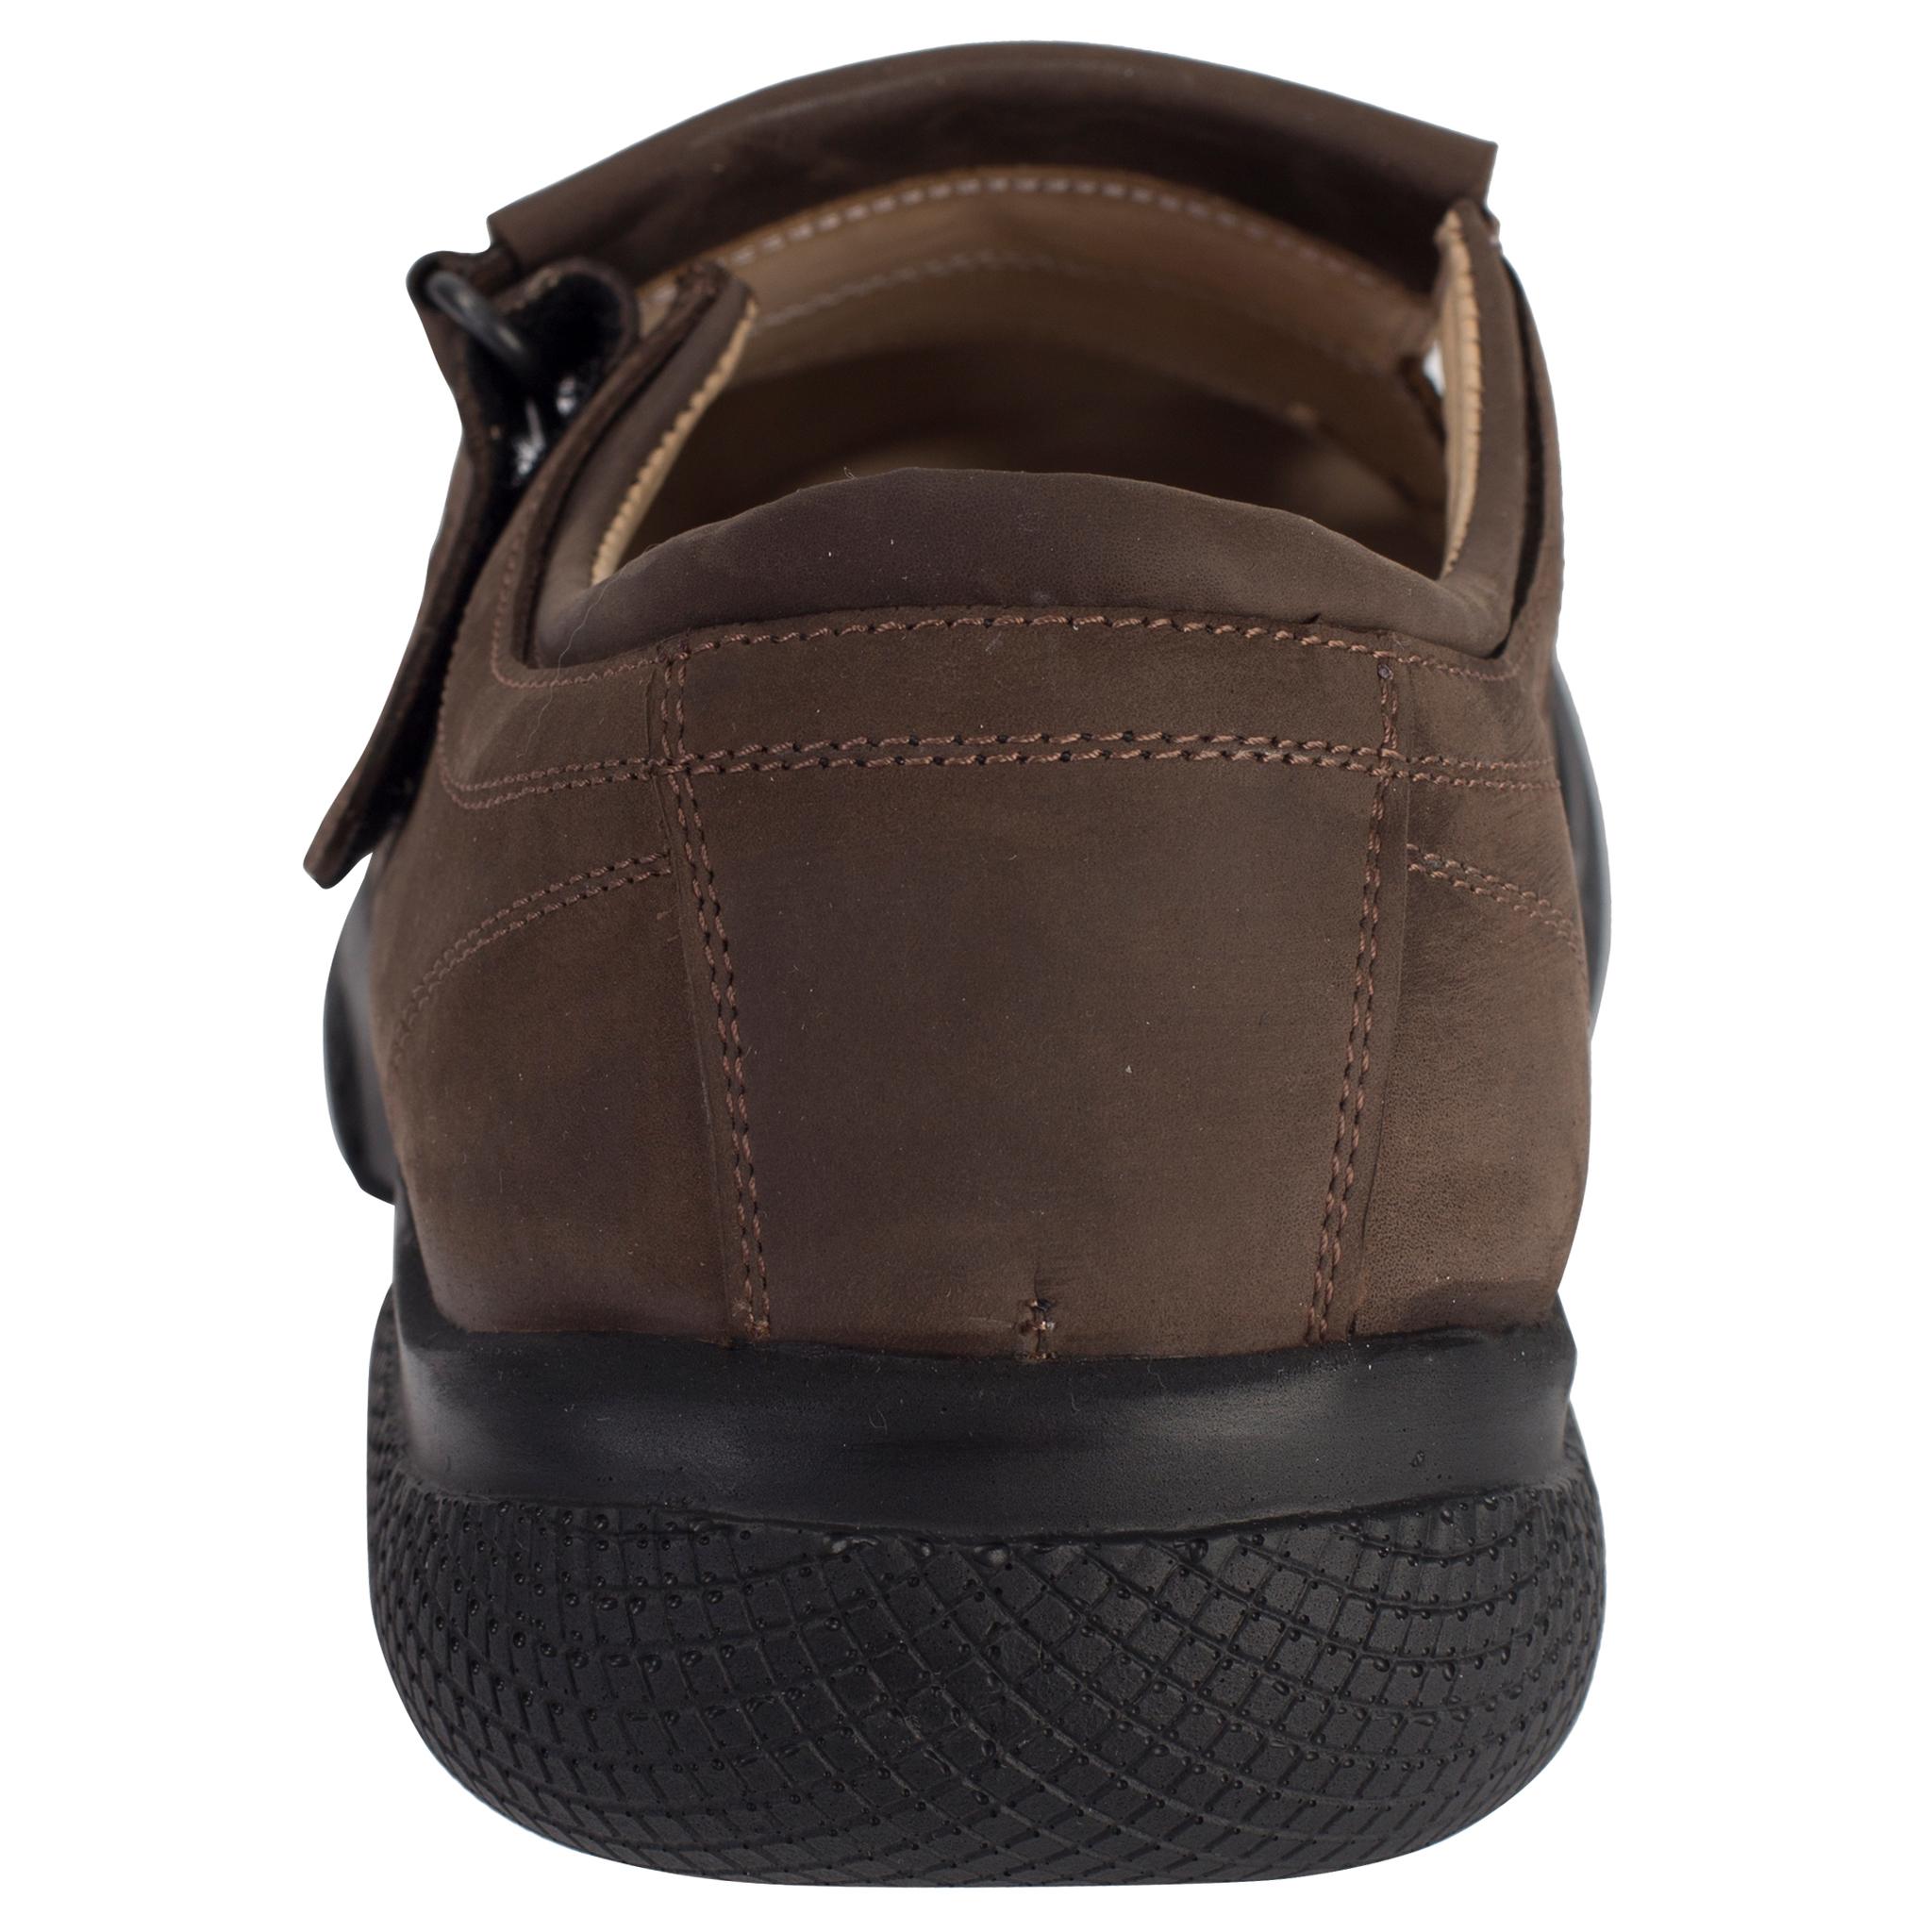 529367 сандалии мужские коричневые нубук больших размеров марки Делфино